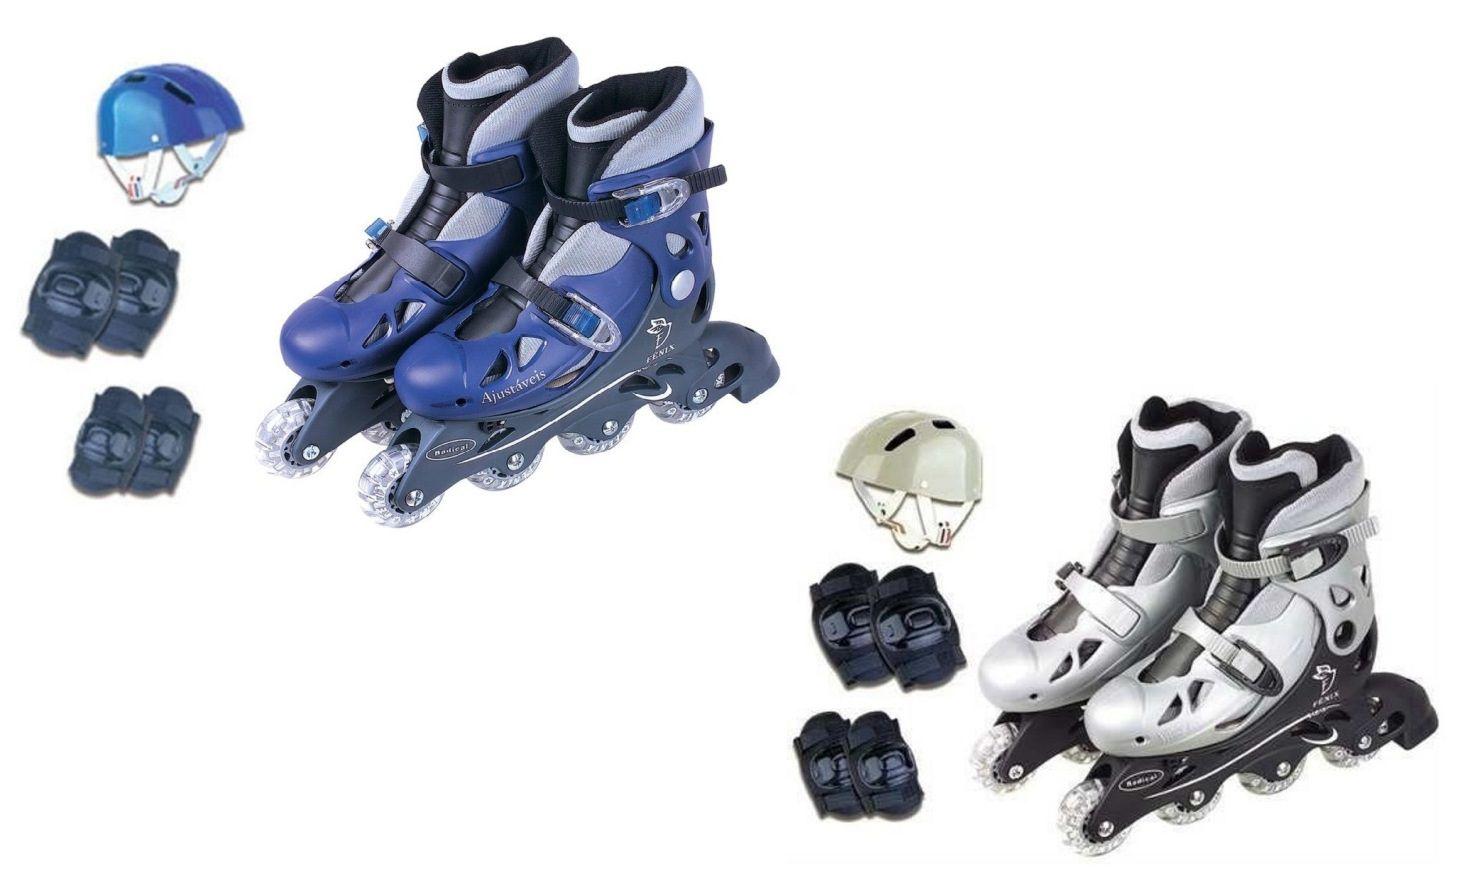 Patins In Line Ajustáveis com Capacete, Cotoveleiras e Joelheiras - Fenix Brinquedos